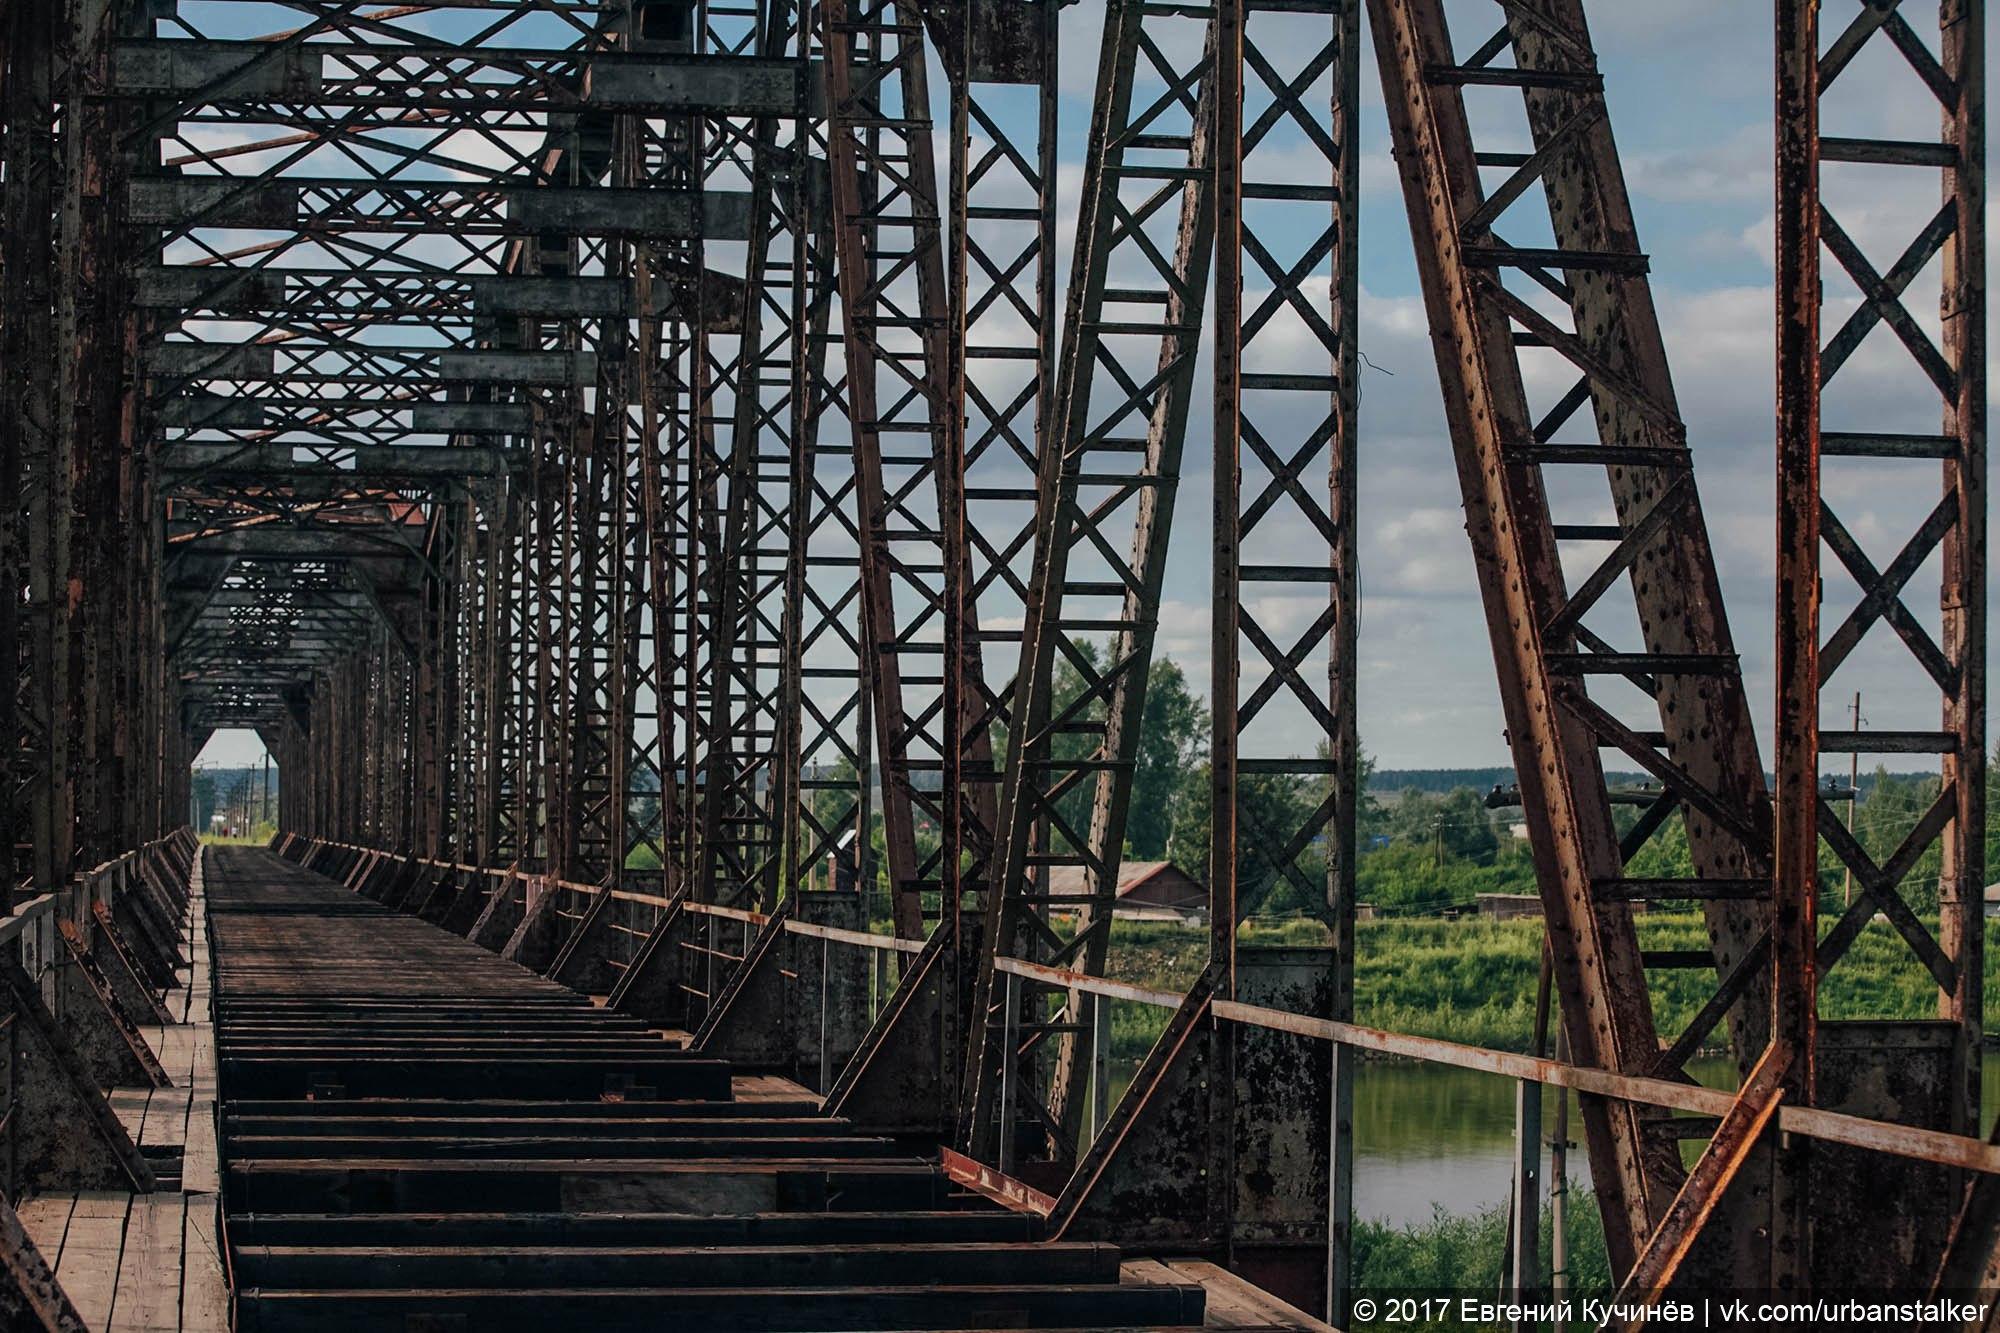 заглавном фото мостов через реку чумыш хотите